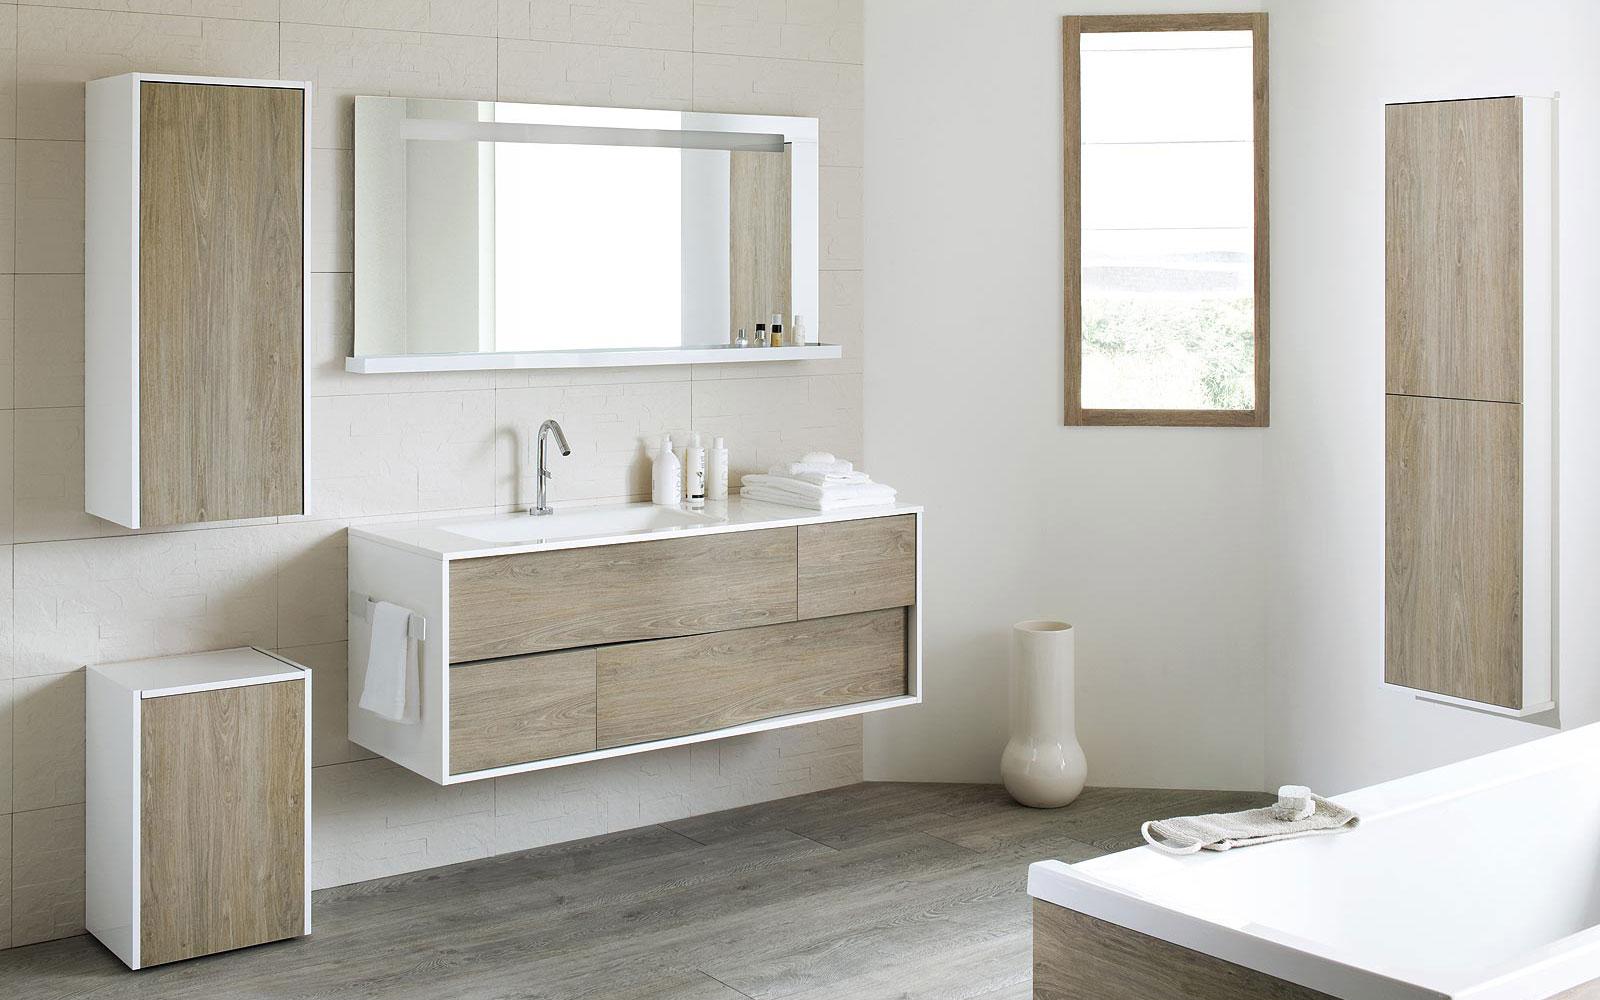 Rénovation de la salle de bains : ce qu'il faut faire et ce qu'il ne faut pas faire